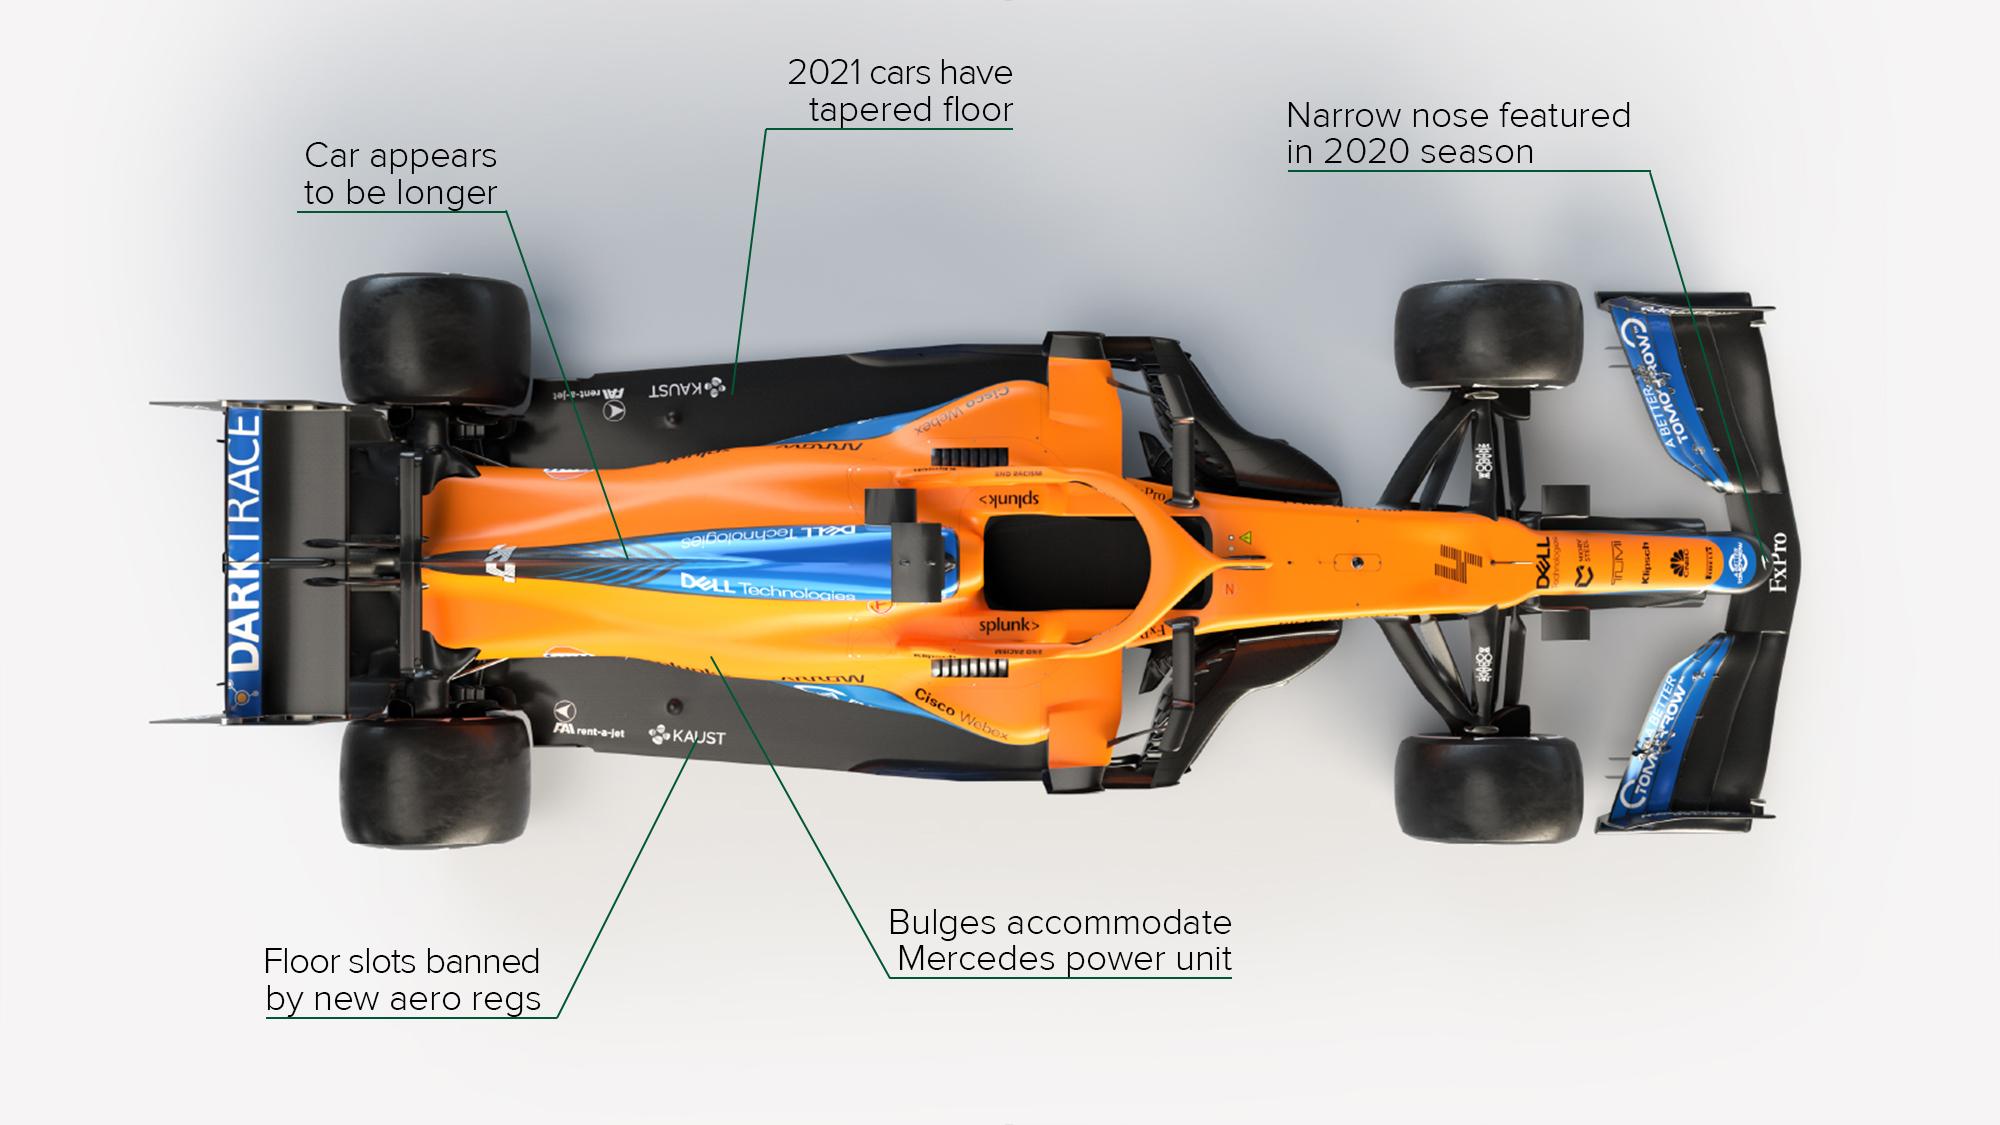 2021 McLaren tech annotation